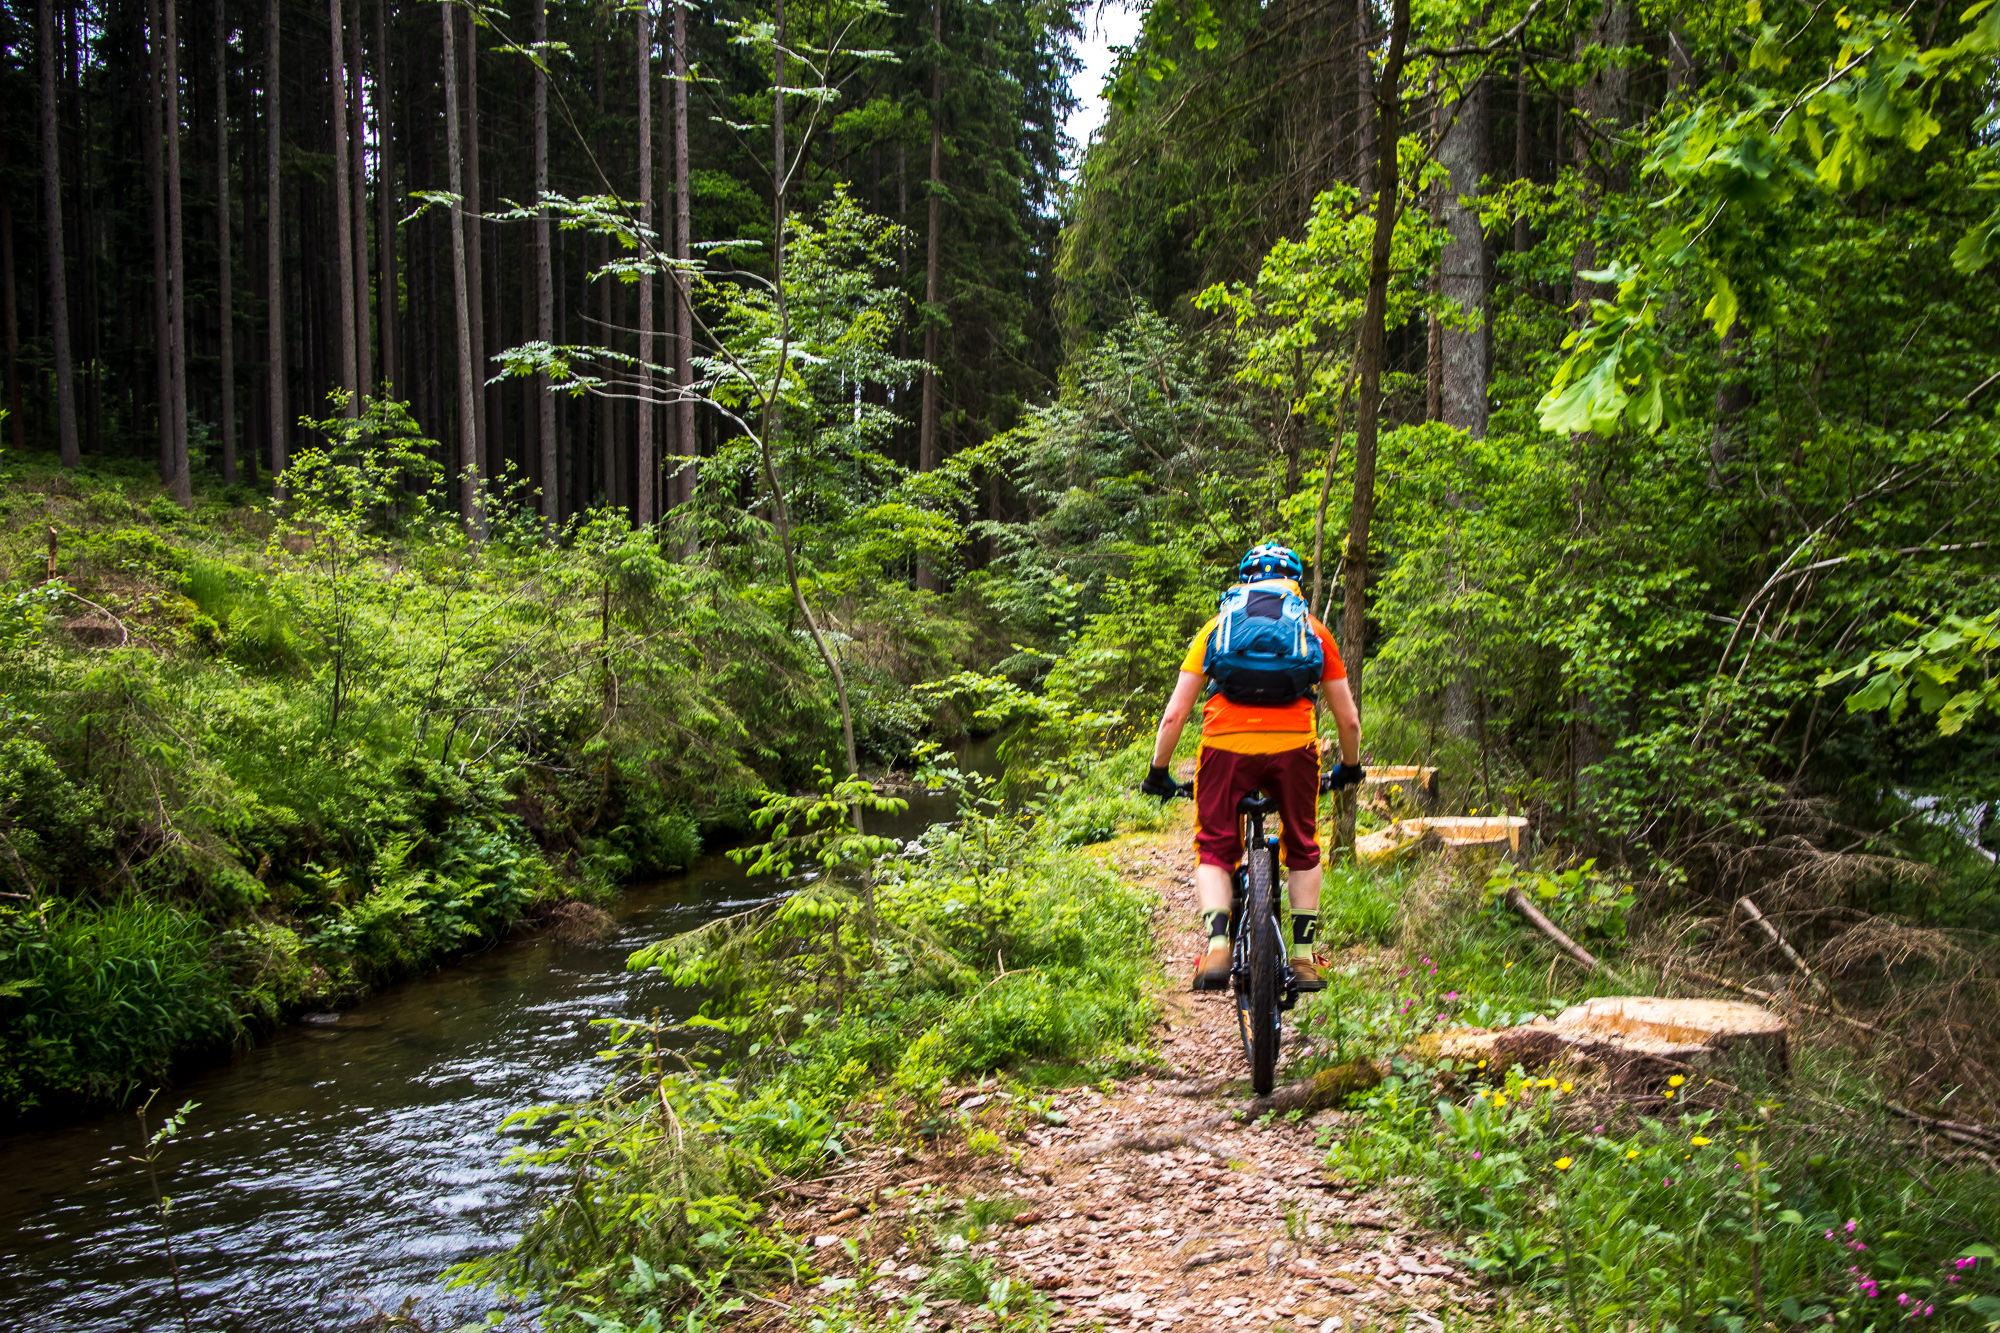 coole Runden im Bayerischen Wald bei Drachselsried